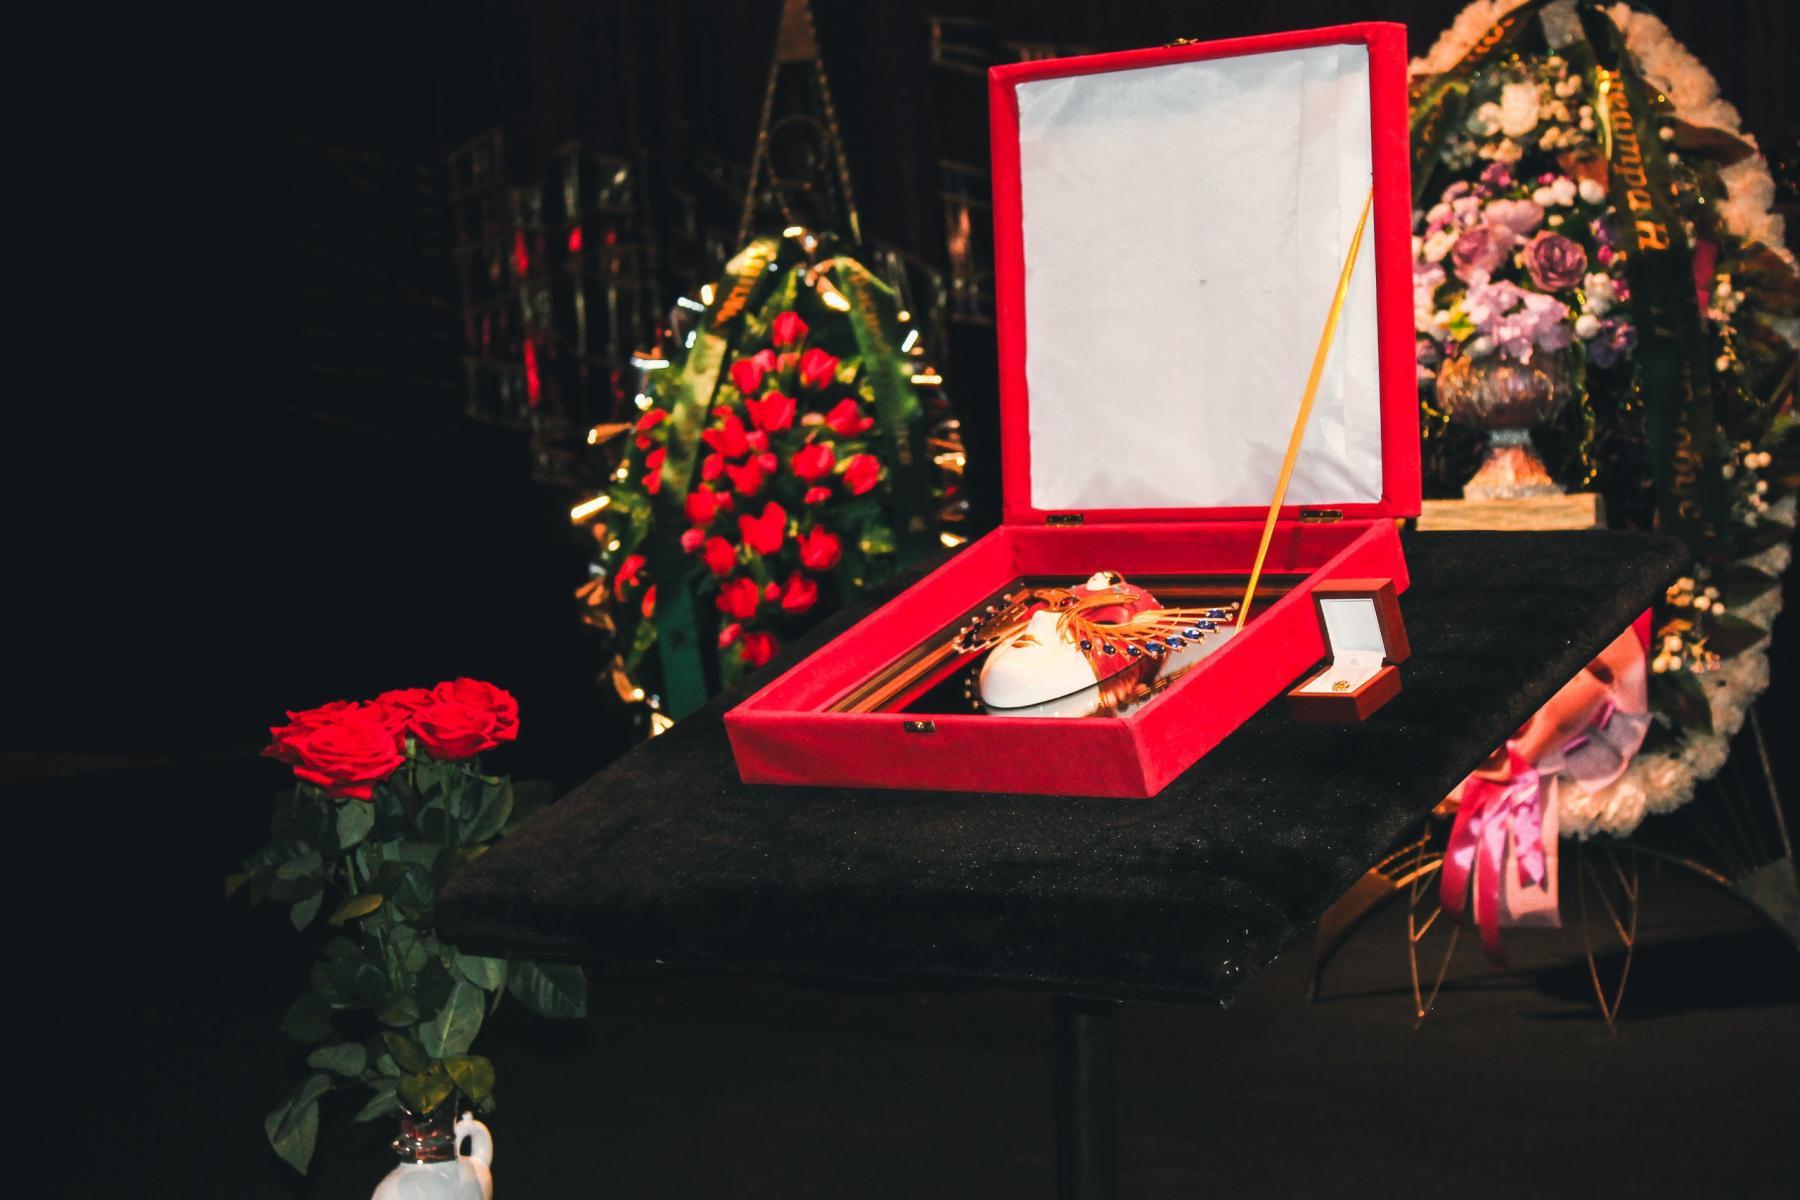 Фото Финальные аплодисменты: как новосибирцы простились с актёром театра «Глобус» Лаврентием Сорокиным (фоторепортаж) 4